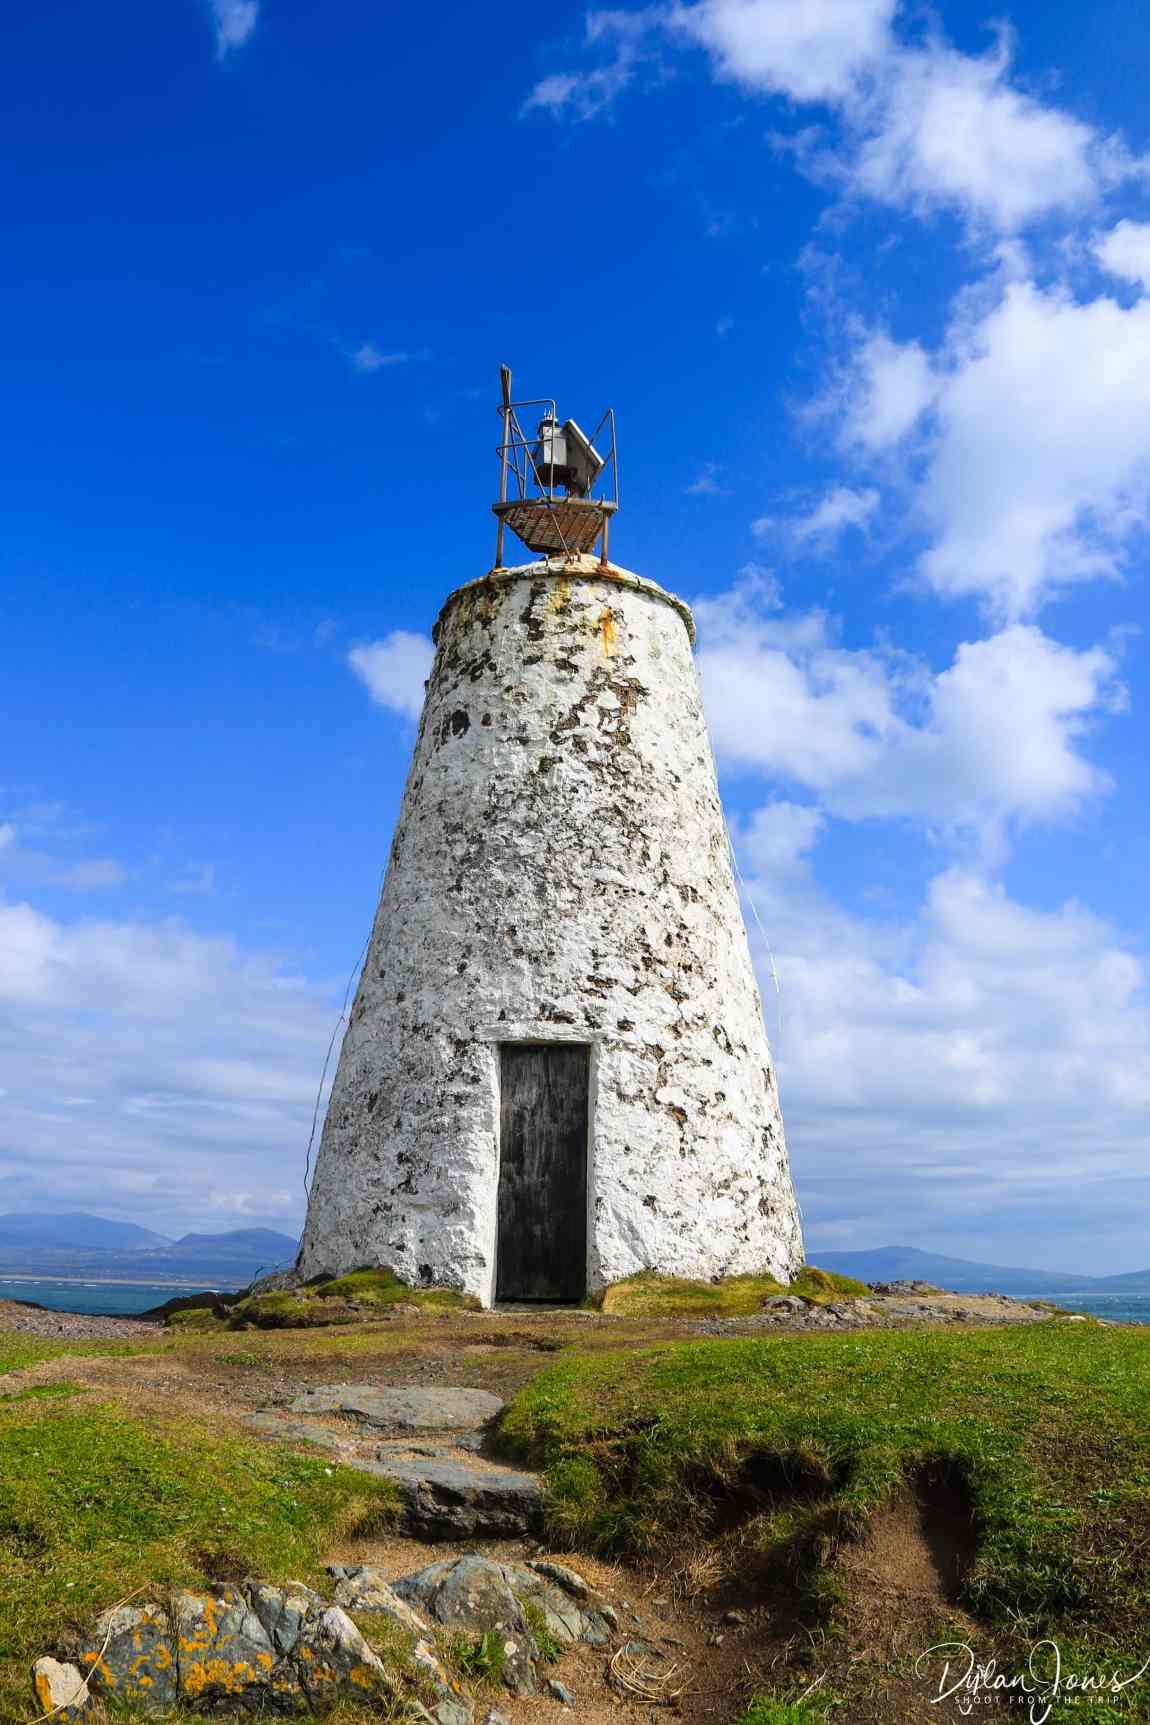 Tŵr Bach Lighthouse on Llanddwyn Island, Wales